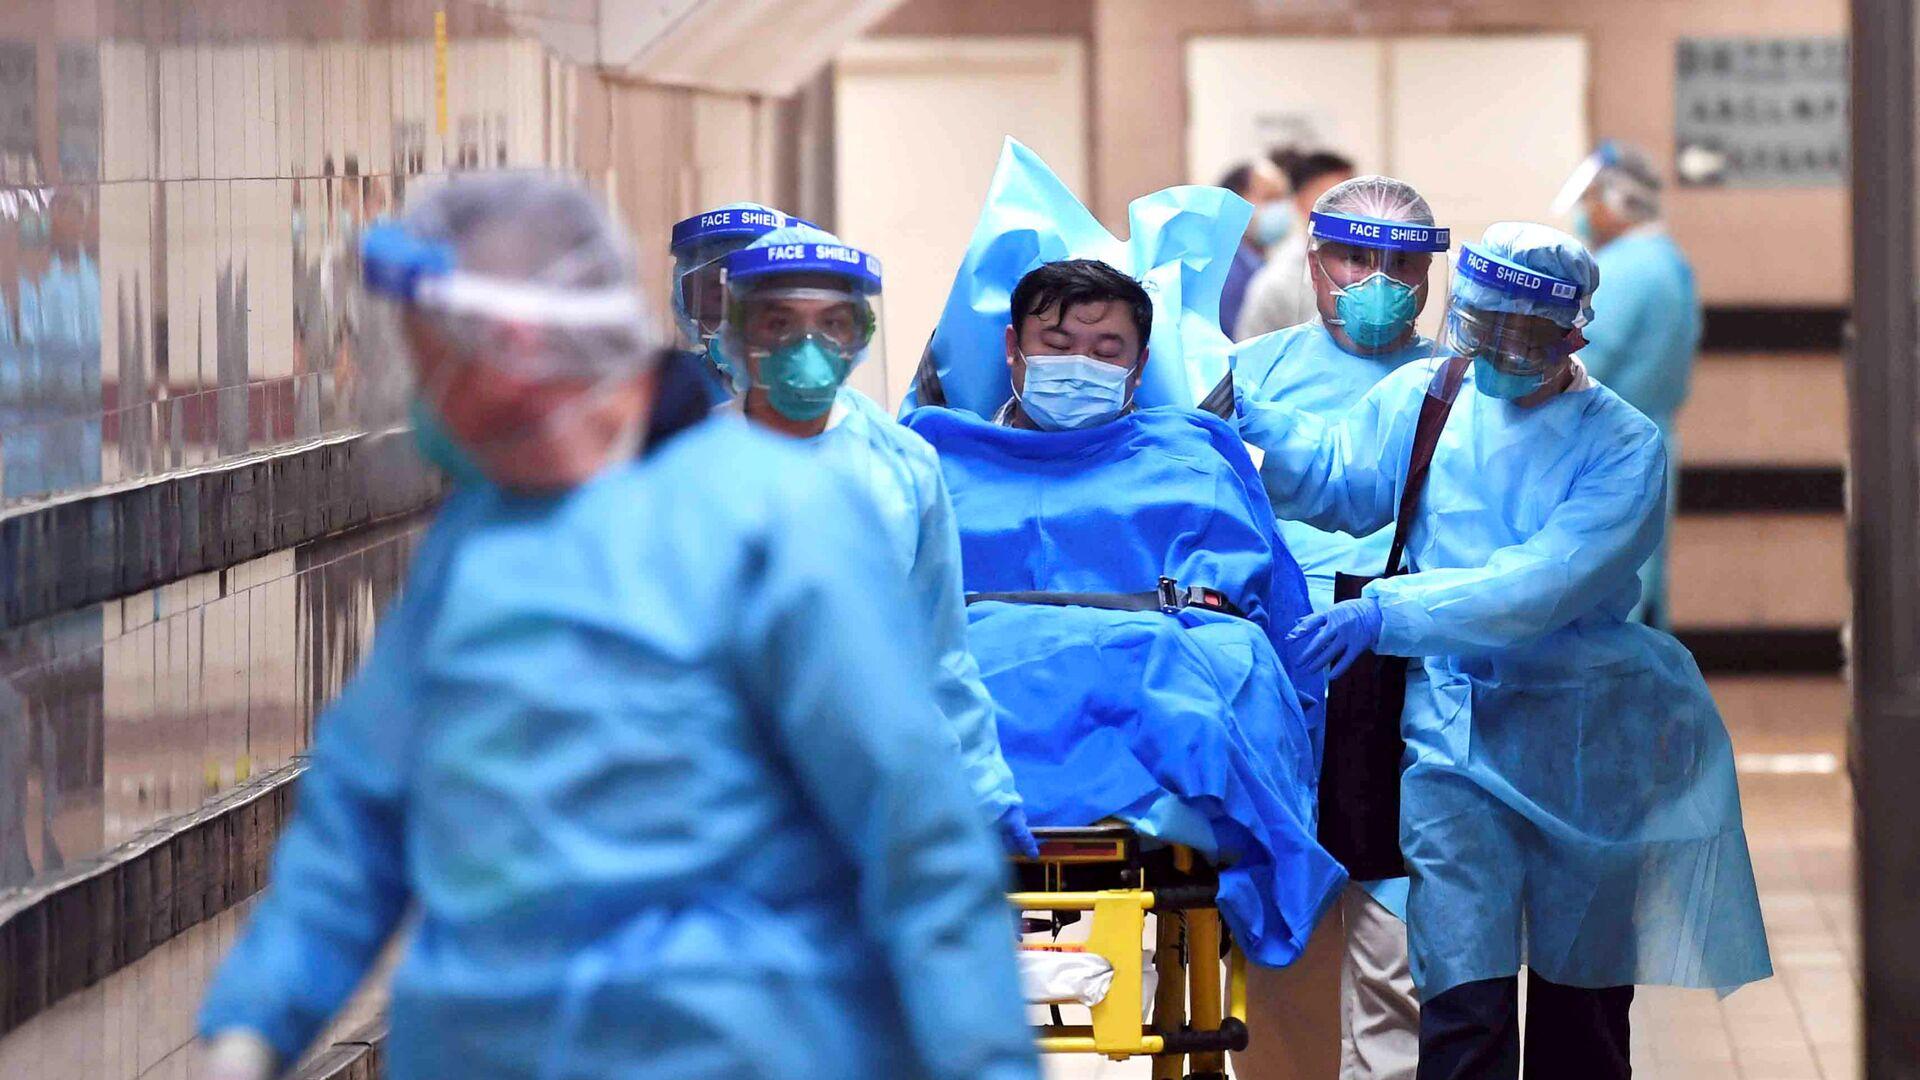 Медицинский персонал переводит пациента с подозрением на новый коронавирус, в Гонконге - Sputnik Таджикистан, 1920, 18.06.2021